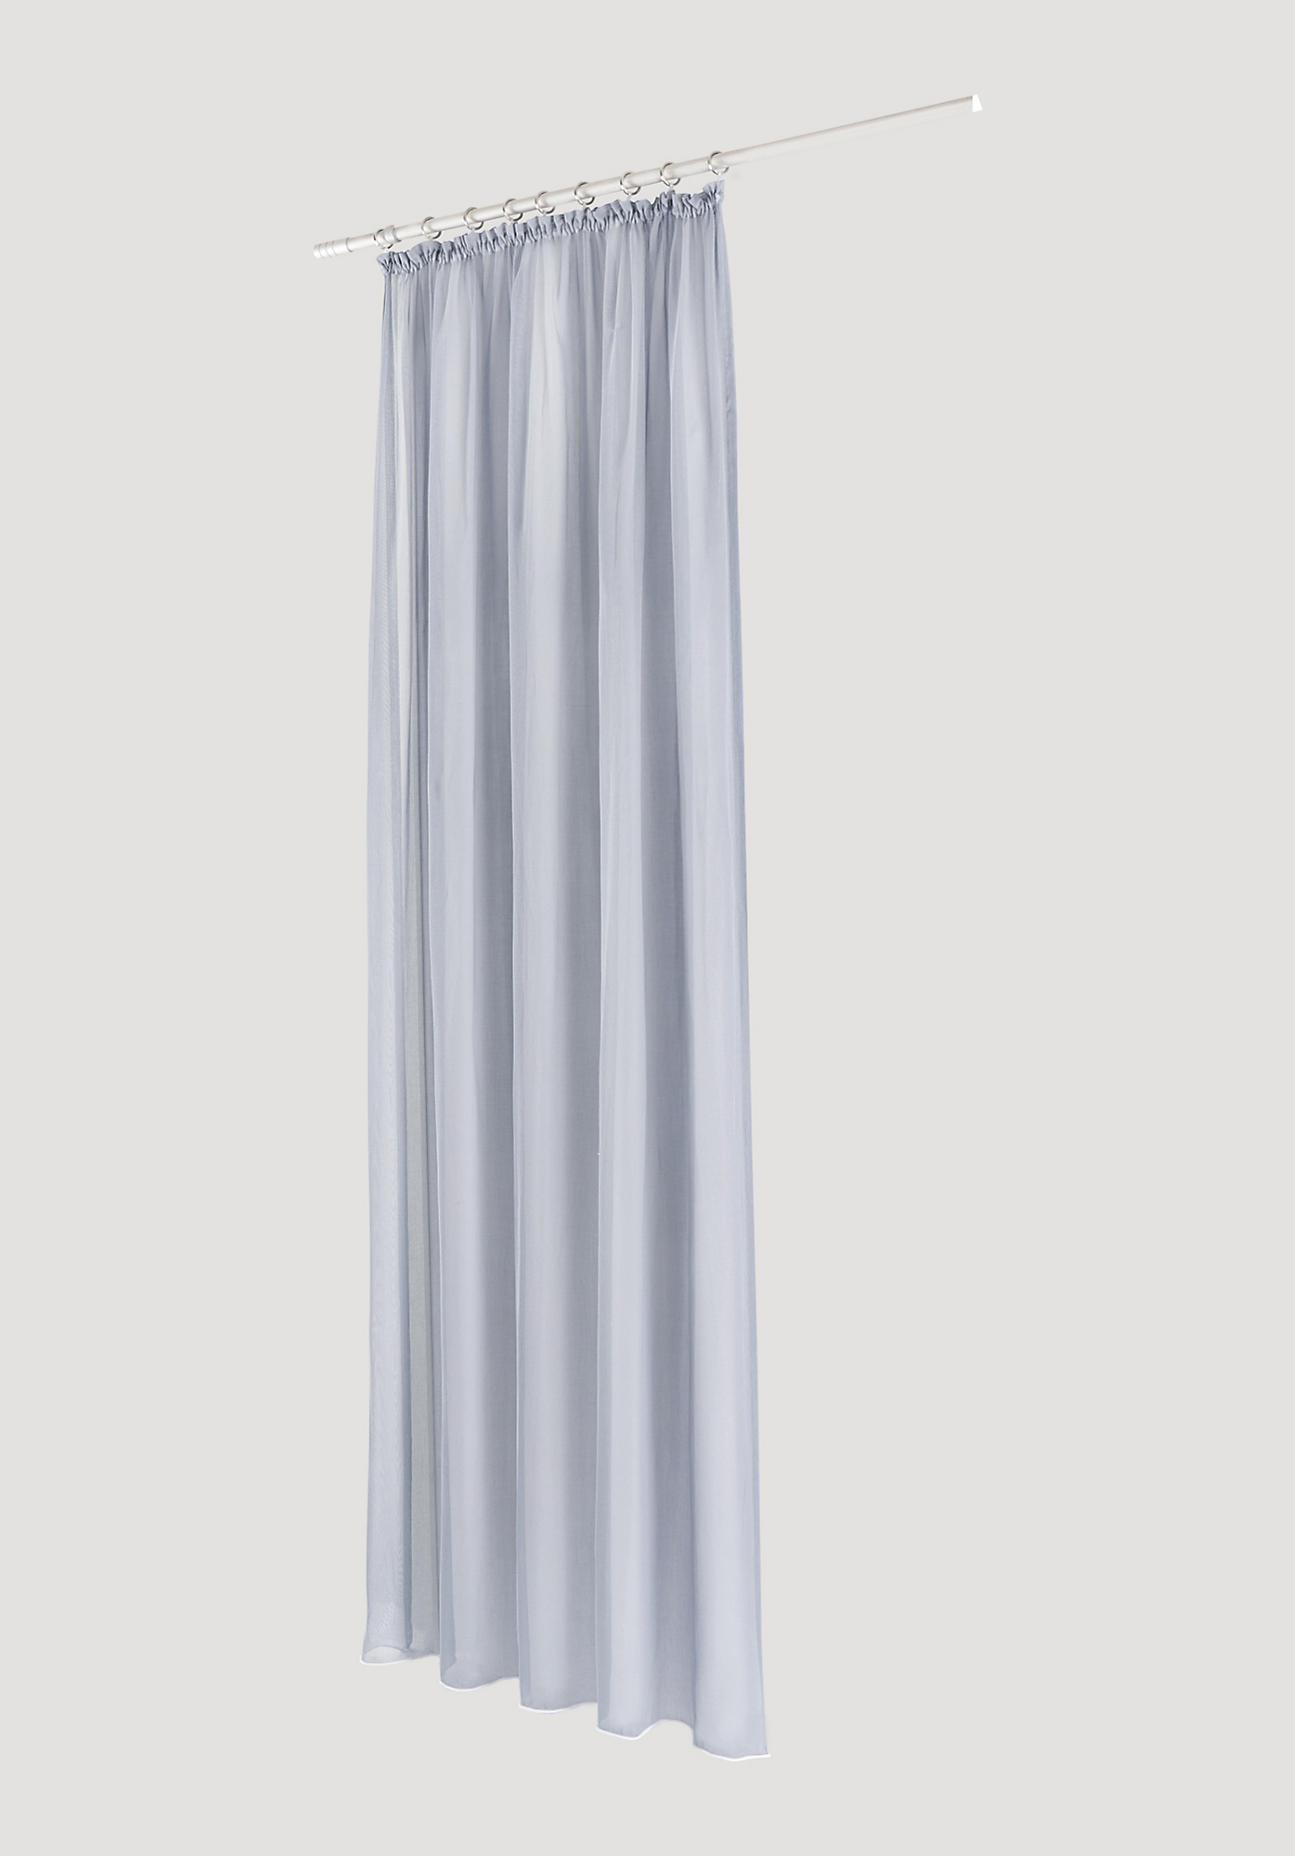 hessnatur Vorhang mit Gardinenband aus Bio-Baumwolle – blau – Größe 225x135cm